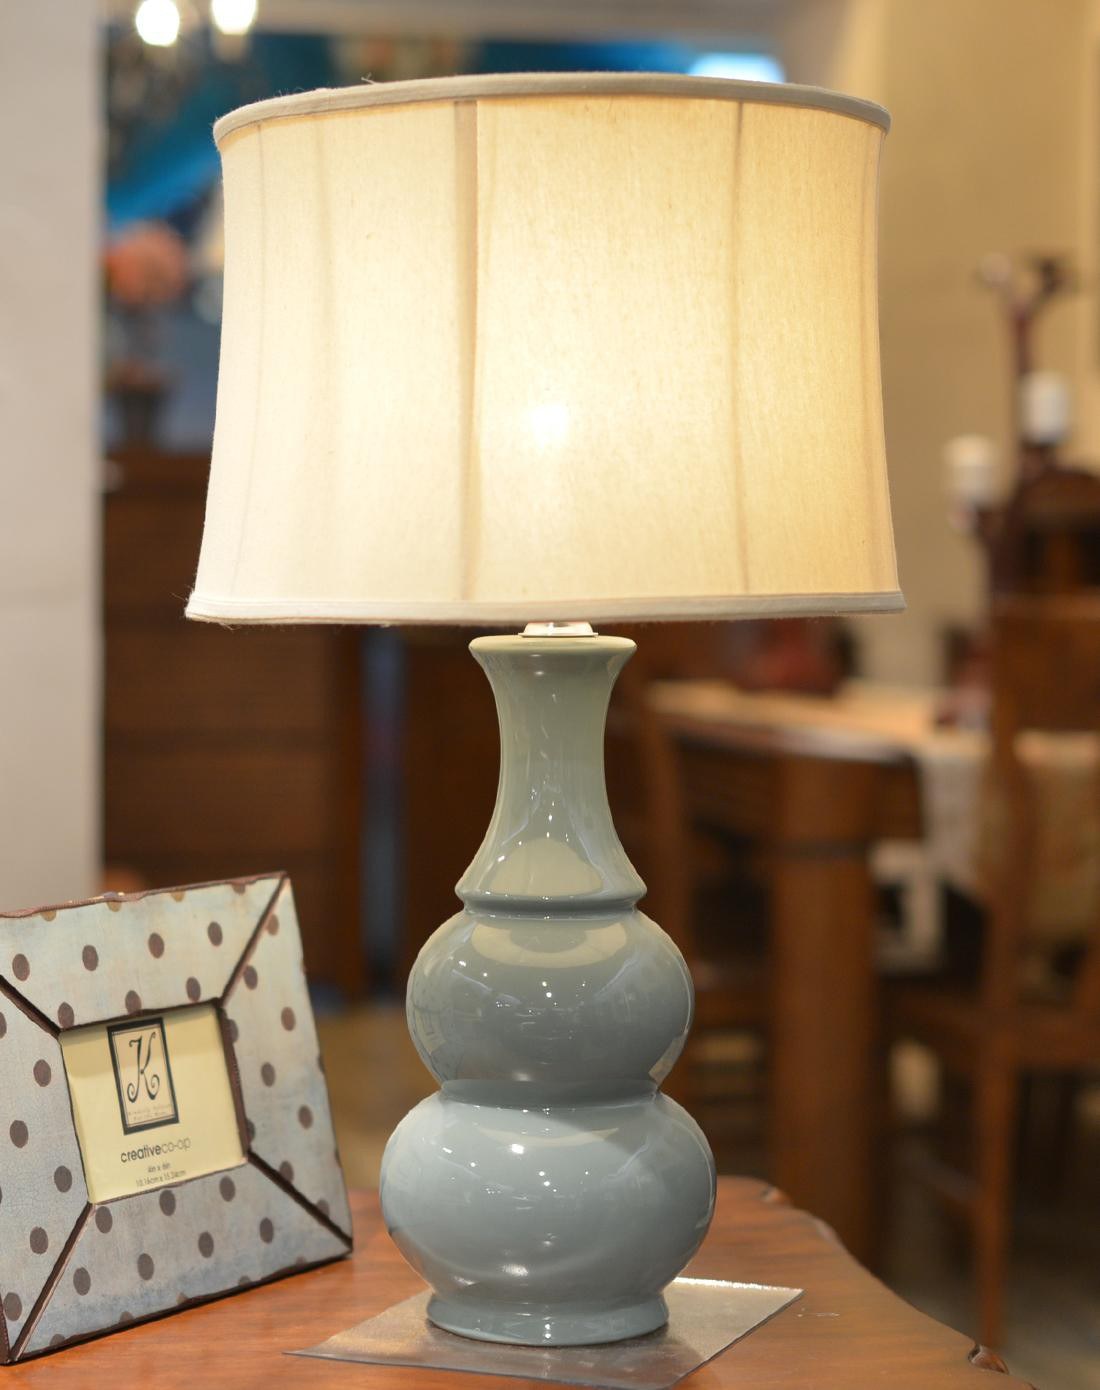 朵兰舍doolans现代卧室床头单色釉葫芦台灯tdgw32801